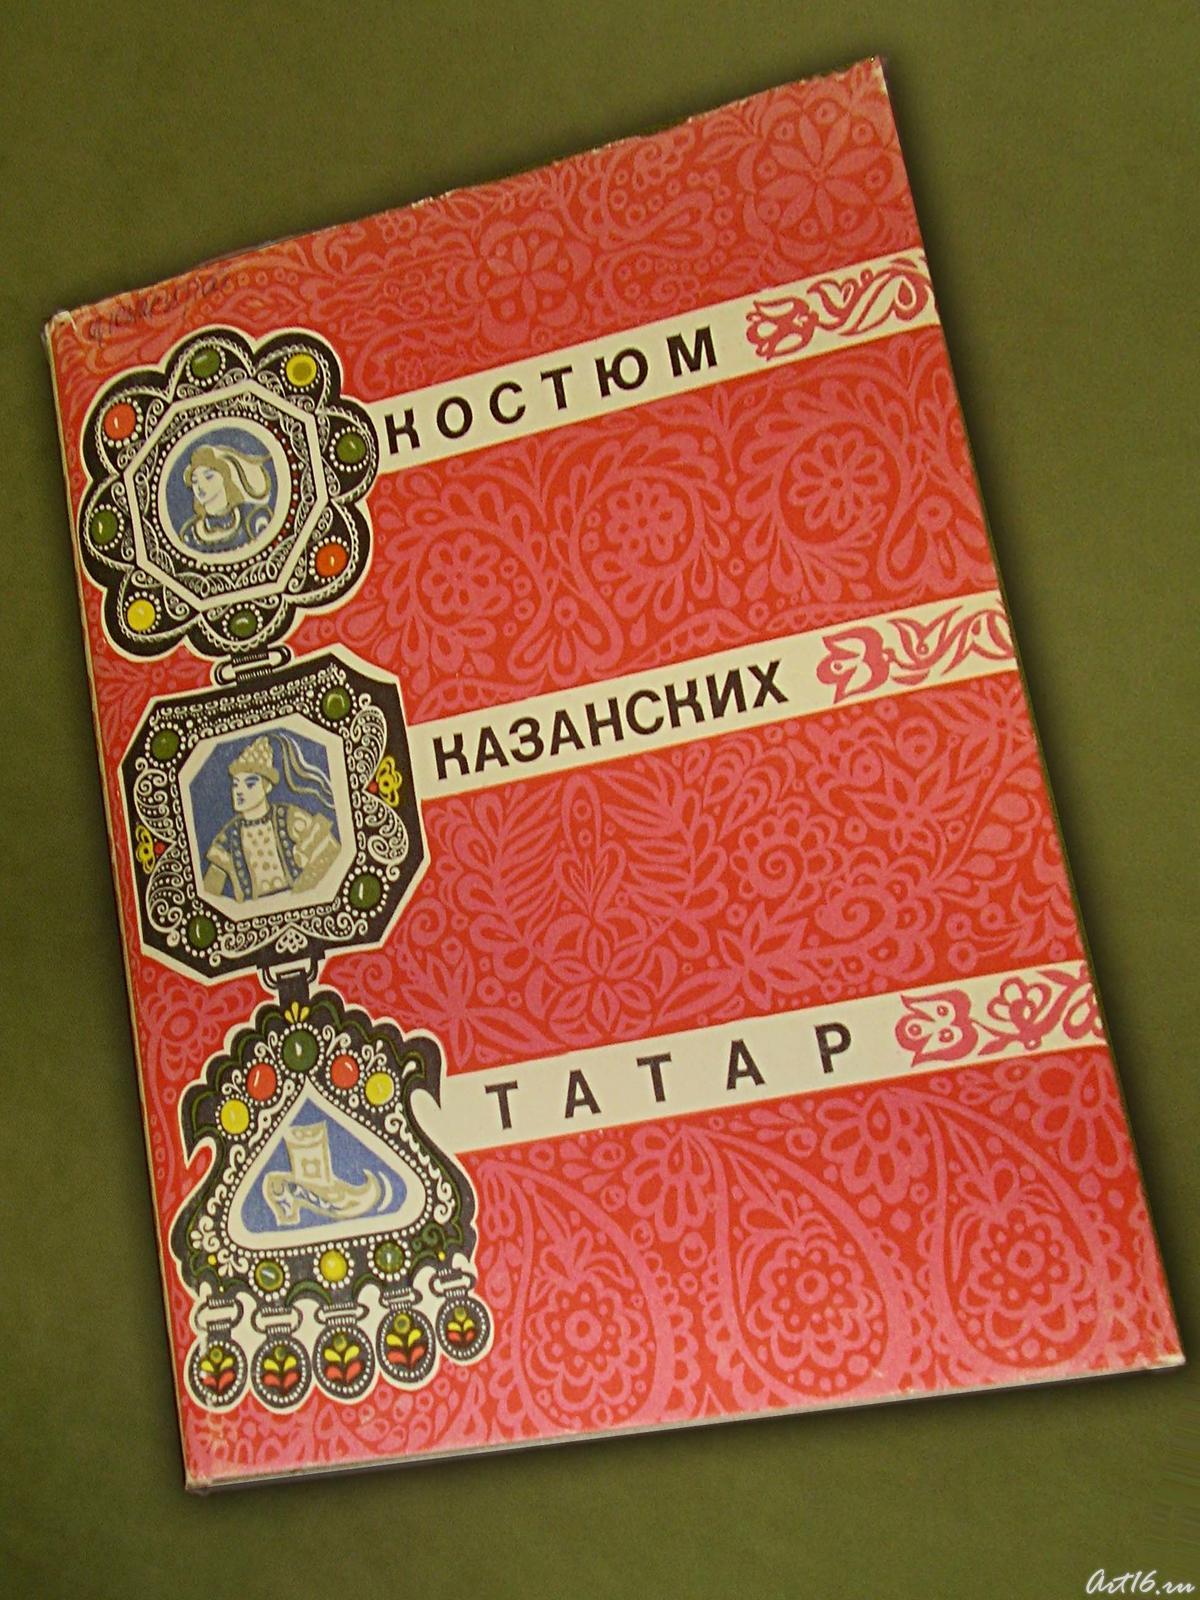 Фото №17579. Альбом ''Костюм казанских татар''. 1970-1972